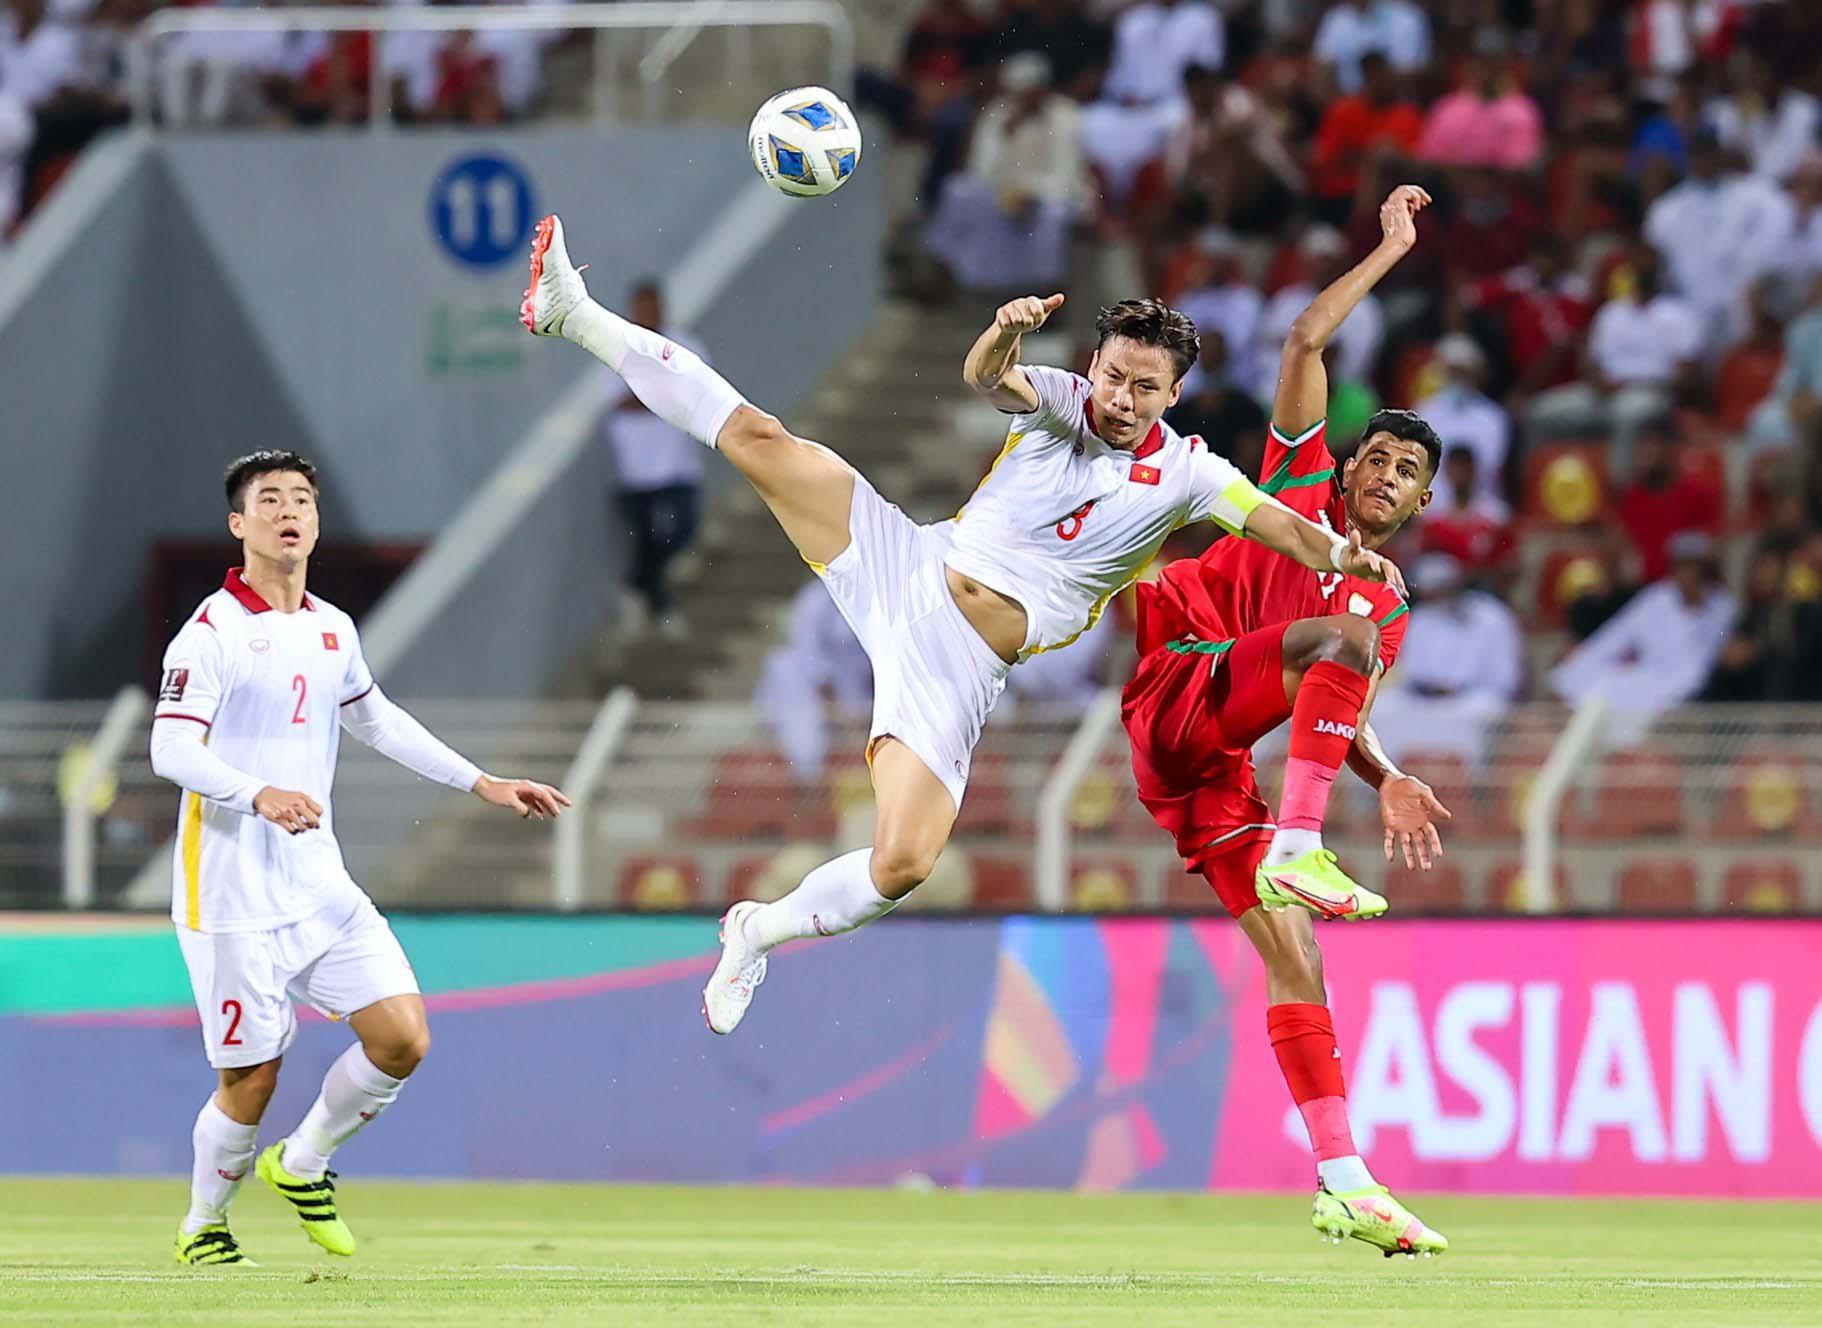 Tuyển Việt Nam dẫn trước nhưng để Oman ngược dòng thắng 3-1 trong trận đấu ngày 12/10.